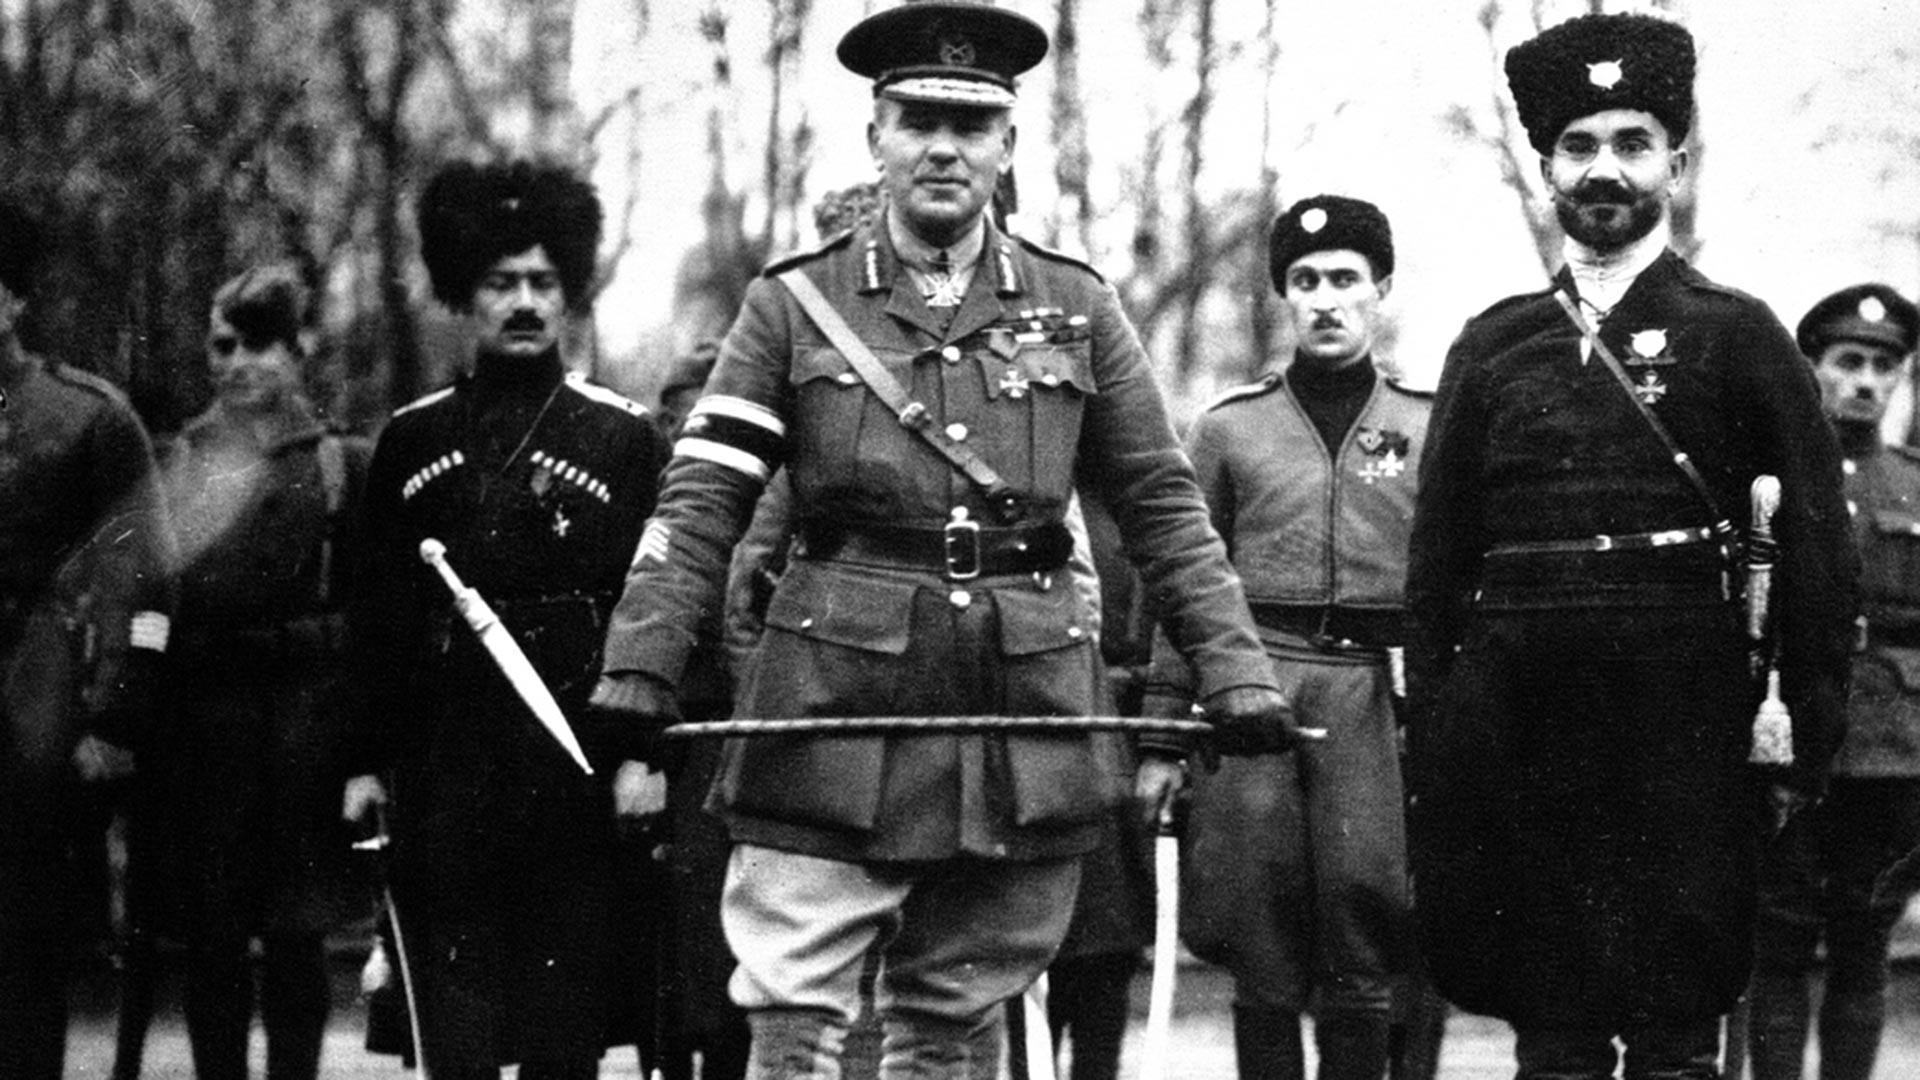 Le général britannique Frederick Poole, commandant les troupes alliées à Arkhangelsk jusqu'en octobre 1918, avec des cosaques. Plus tard, il a été stationné avec l'Armée blanche dans le sud de la Russie.